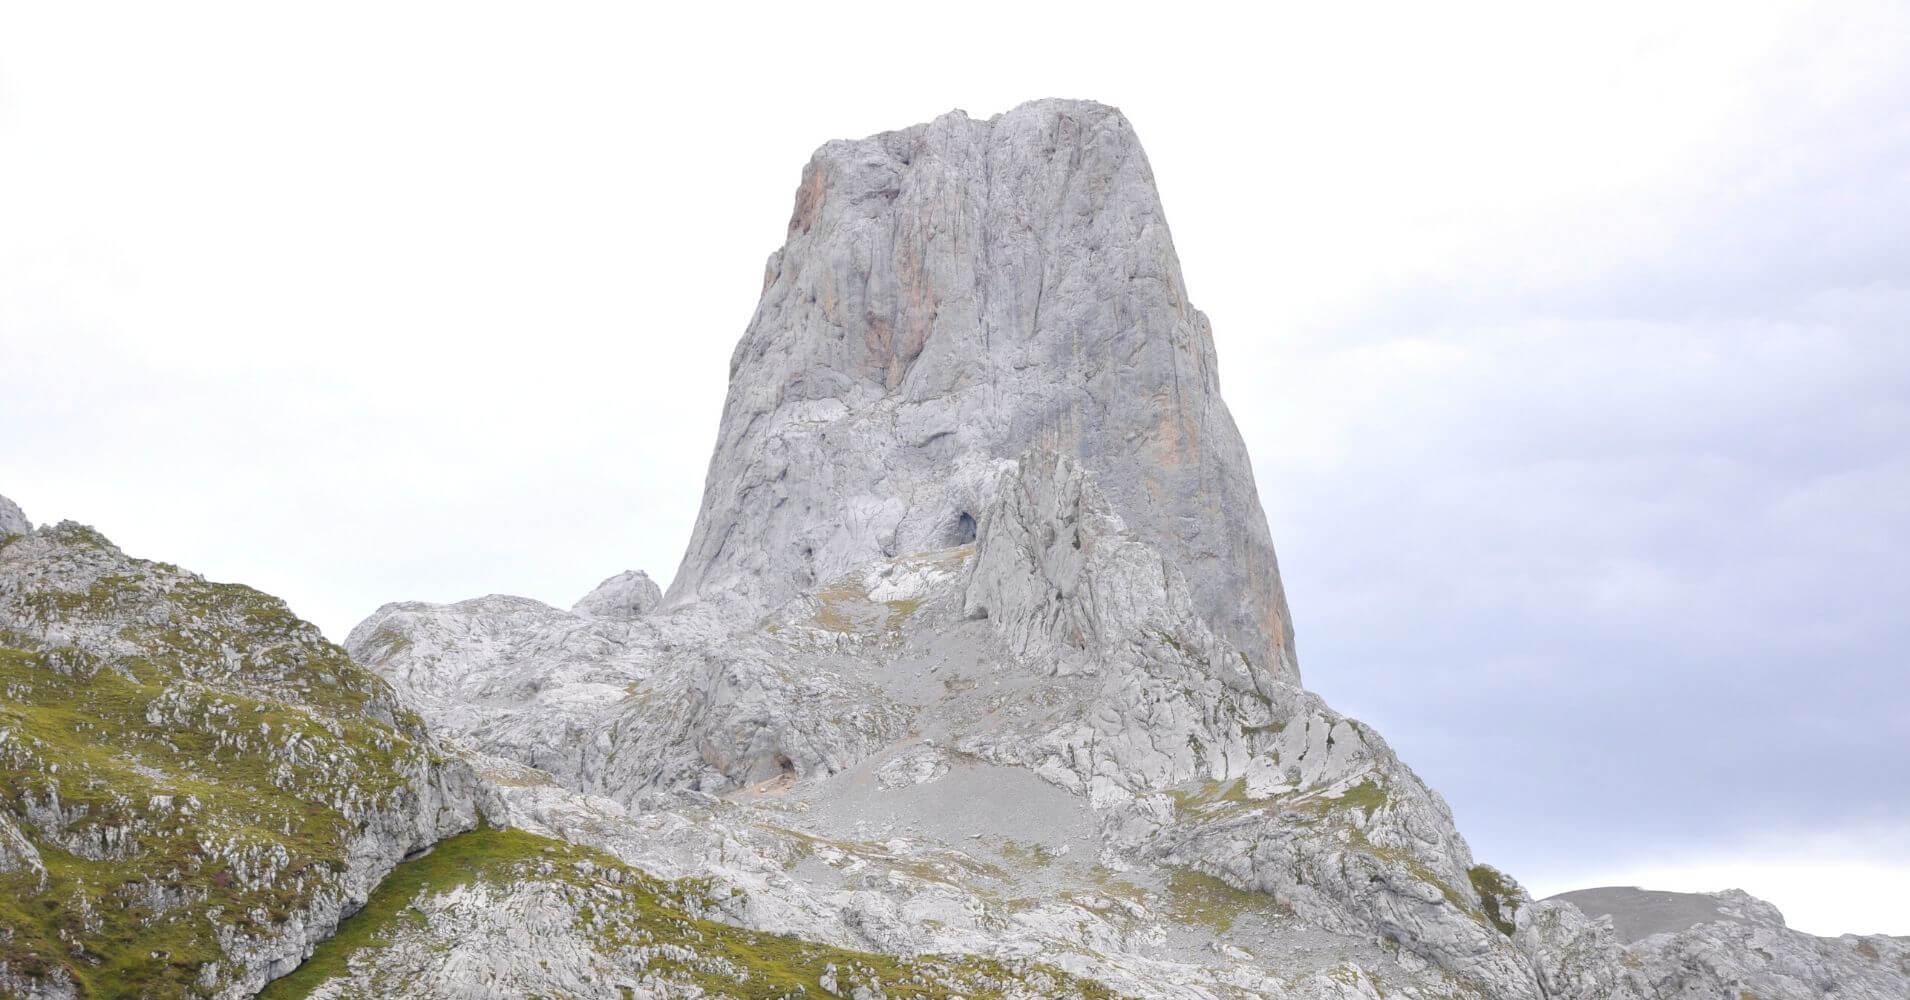 Naranjo de Bulnes. Travesía de Picos de Europa. Cantabria, Asturias.